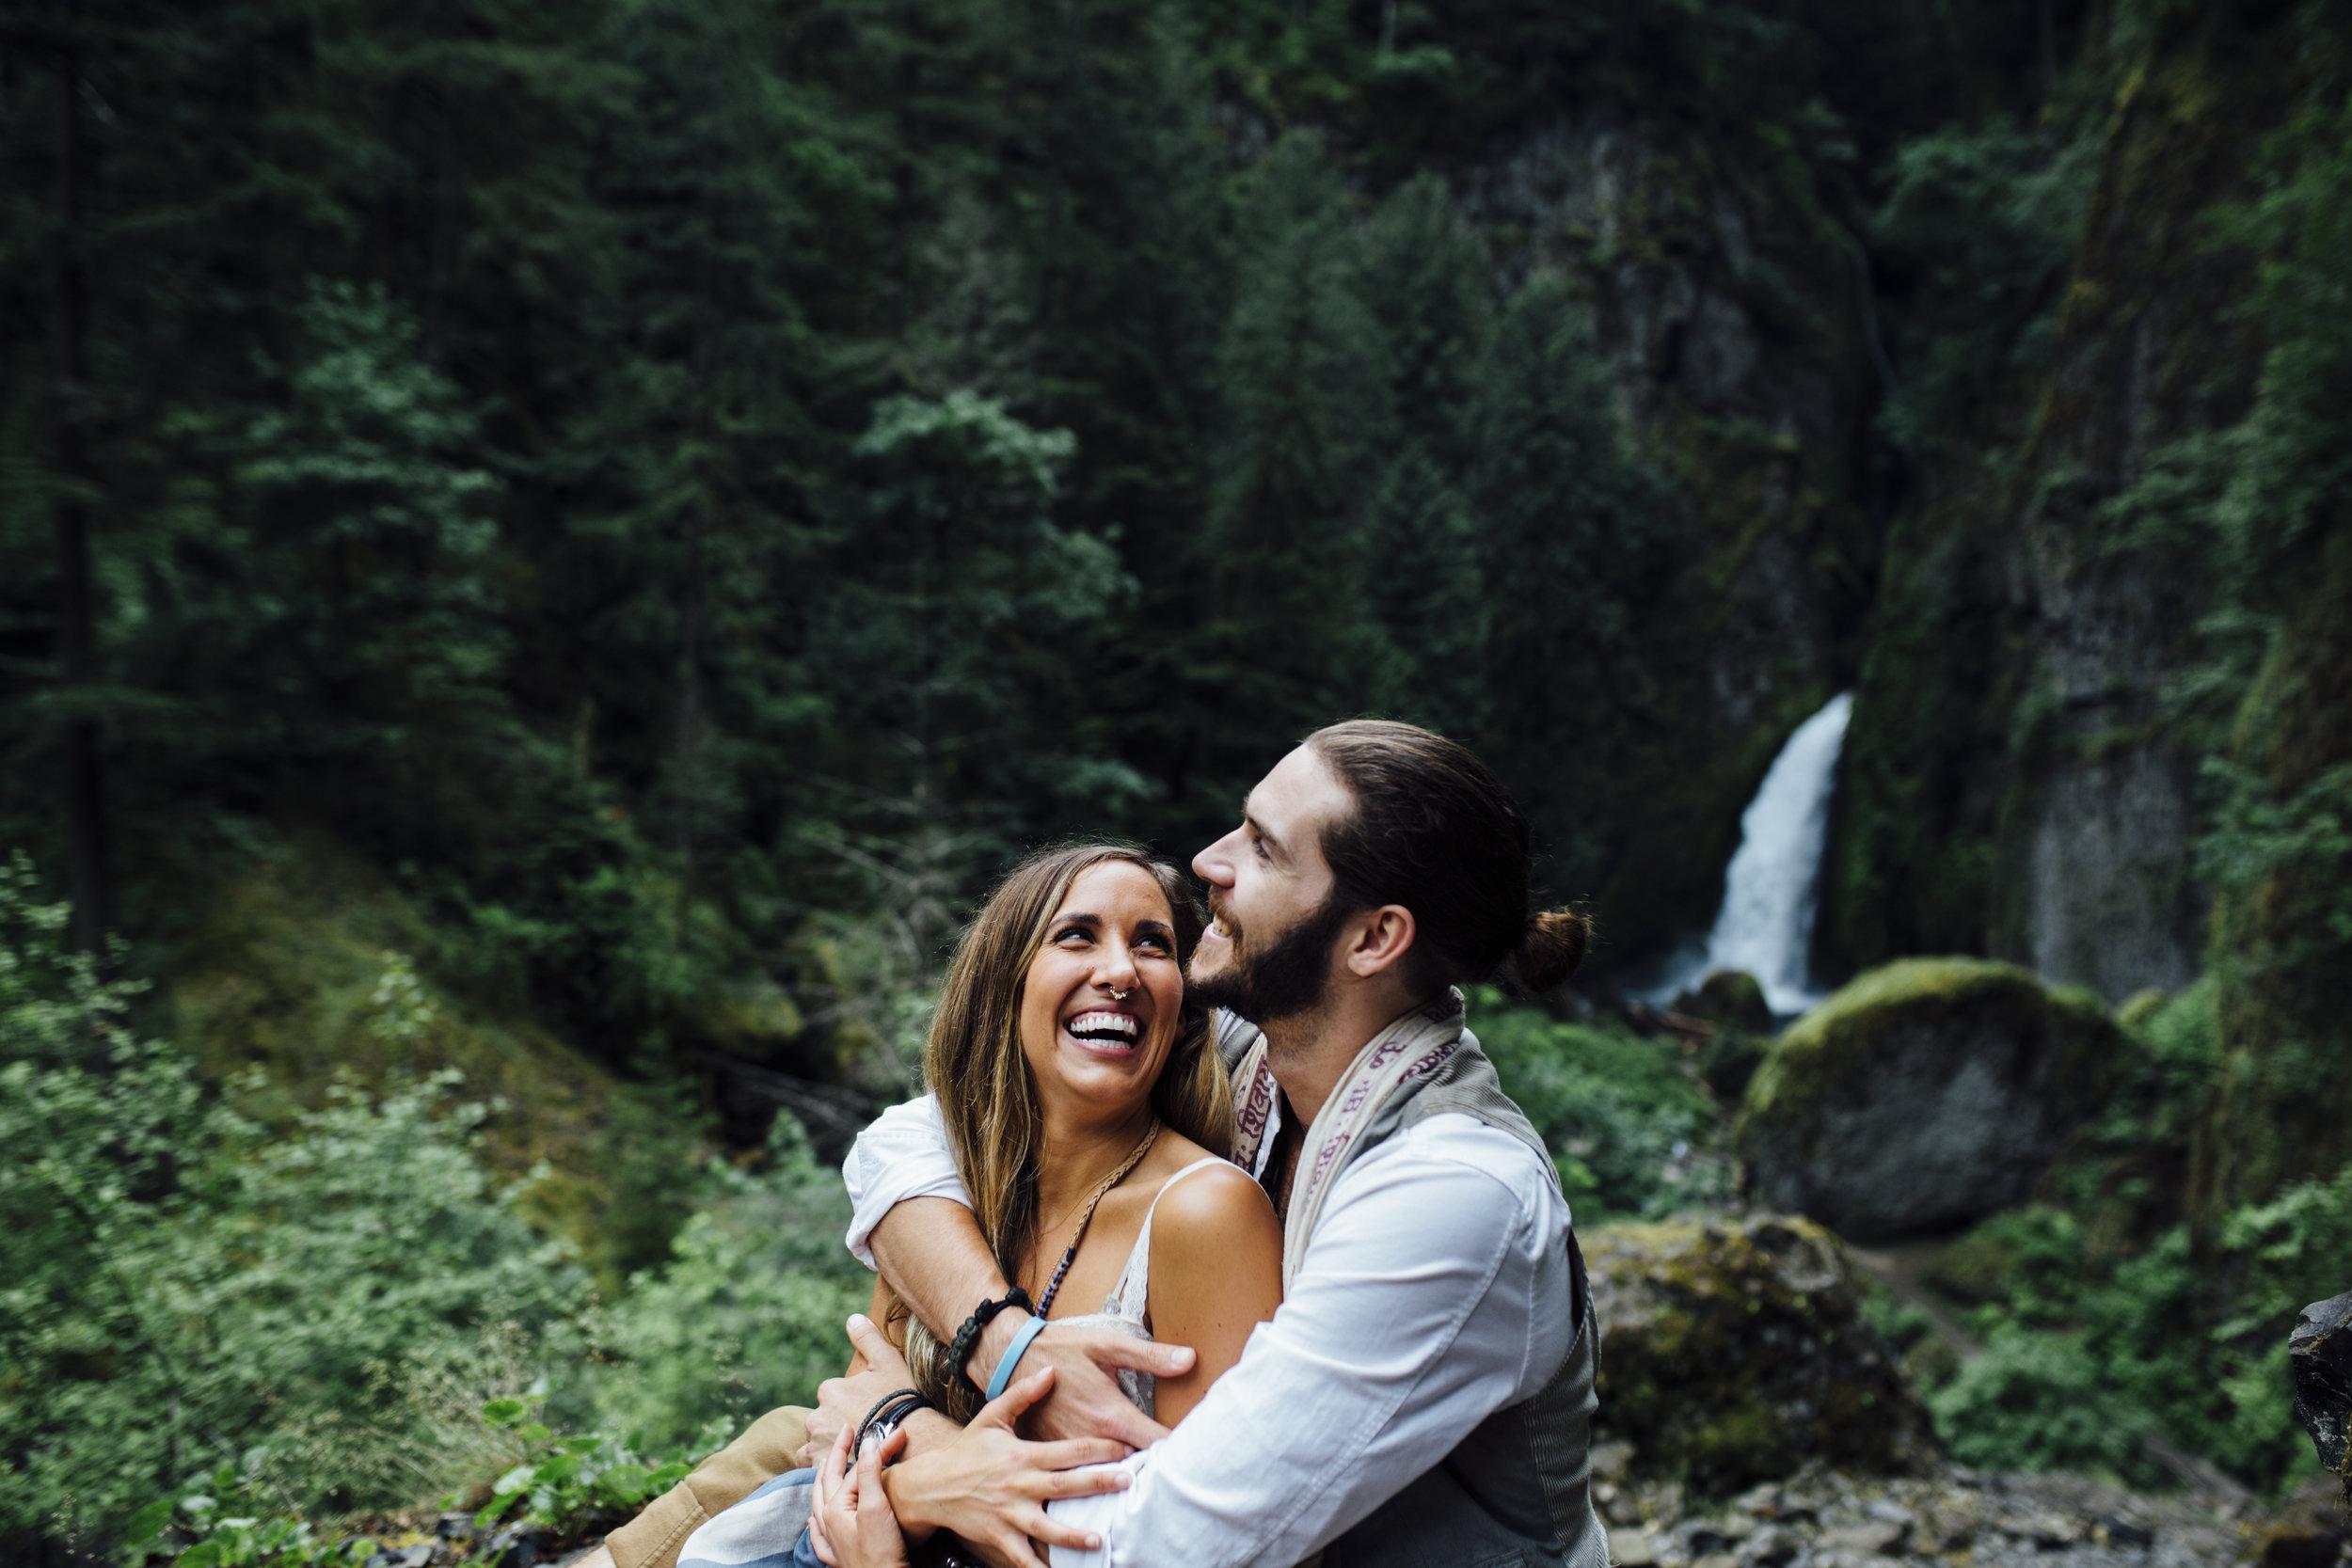 Nataly Zigdon Photography | Portland Wedding Photographer | Destination Wedding Photographer | Elopement Photographer | California Photographer